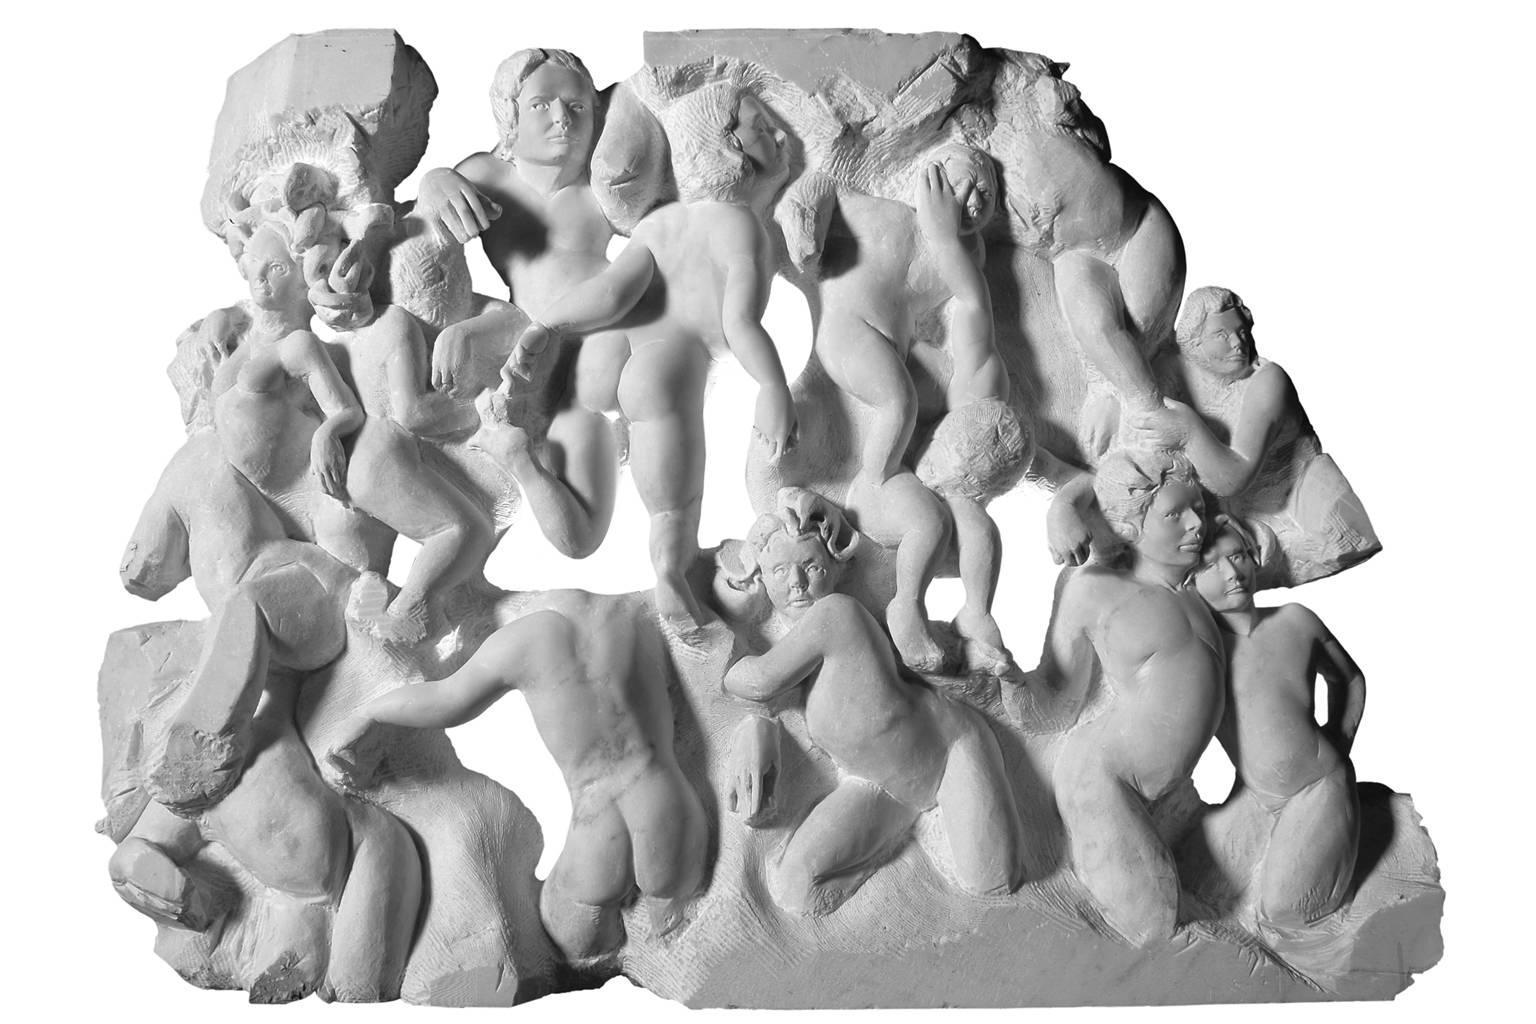 Danza ( Dance ) - hand carved figurative Carrara marble sculpture